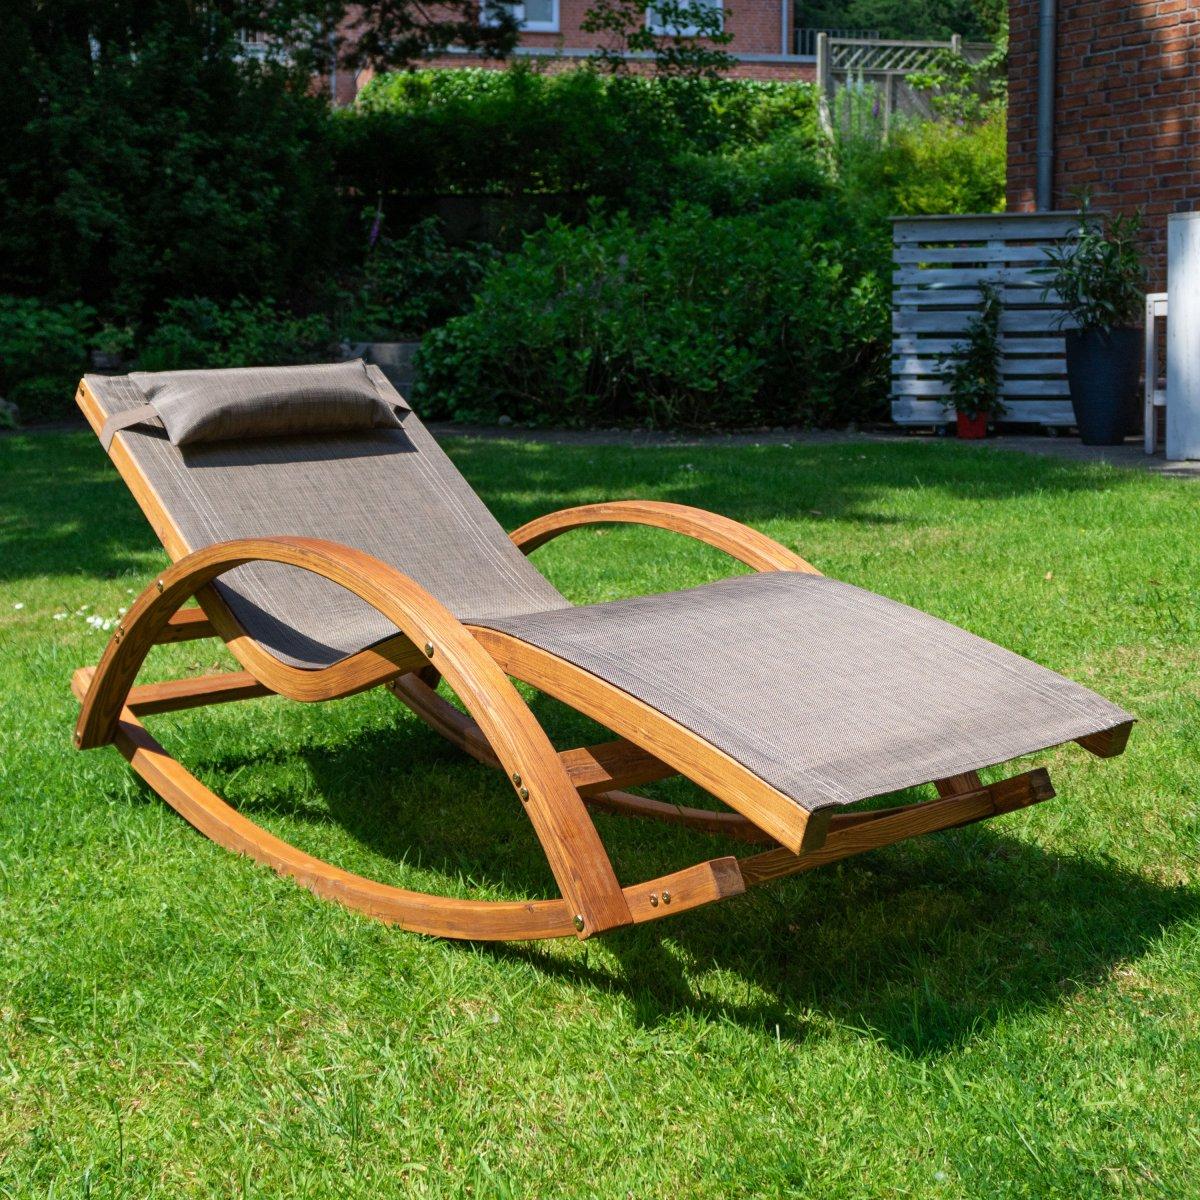 Schaukel und liegestuhl rio 180x75 cm mit kopfkissen - Schaukel liegestuhl ...